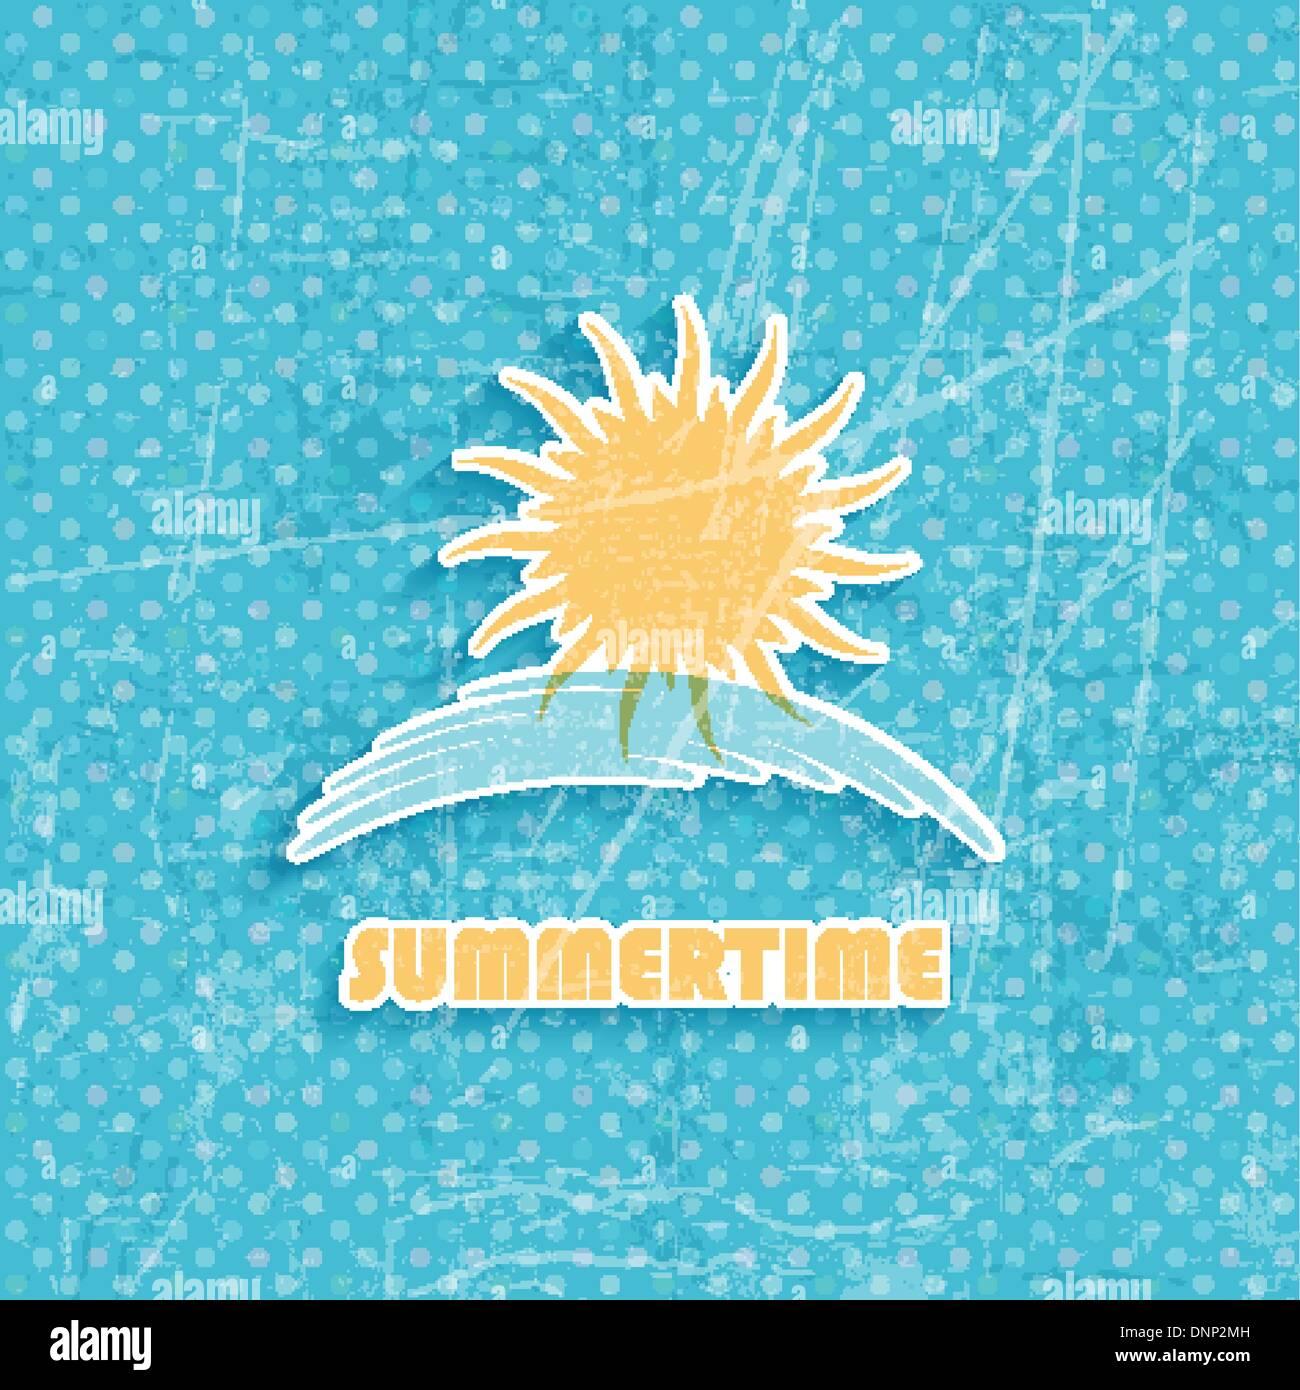 Grunge Style Sommer Hintergrund mit Sonnen-Symbol Stockbild